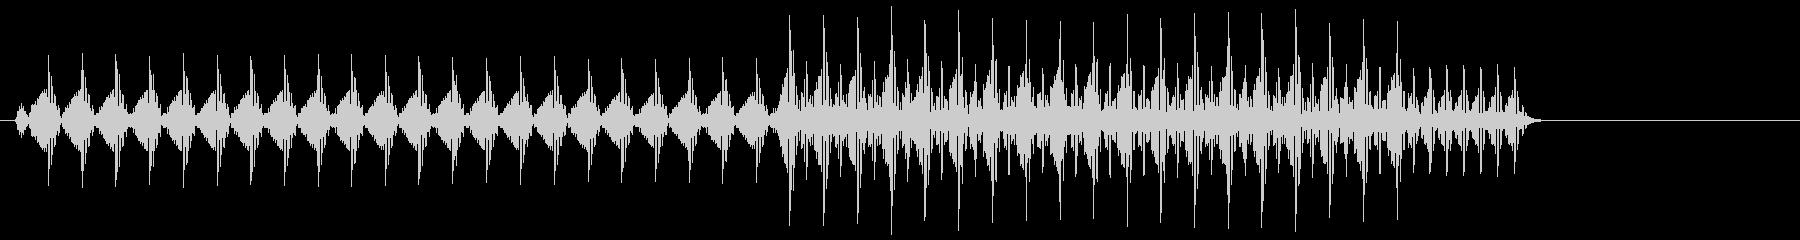 ビコッ(デジタル・ボタン音・プッシュ音)の未再生の波形